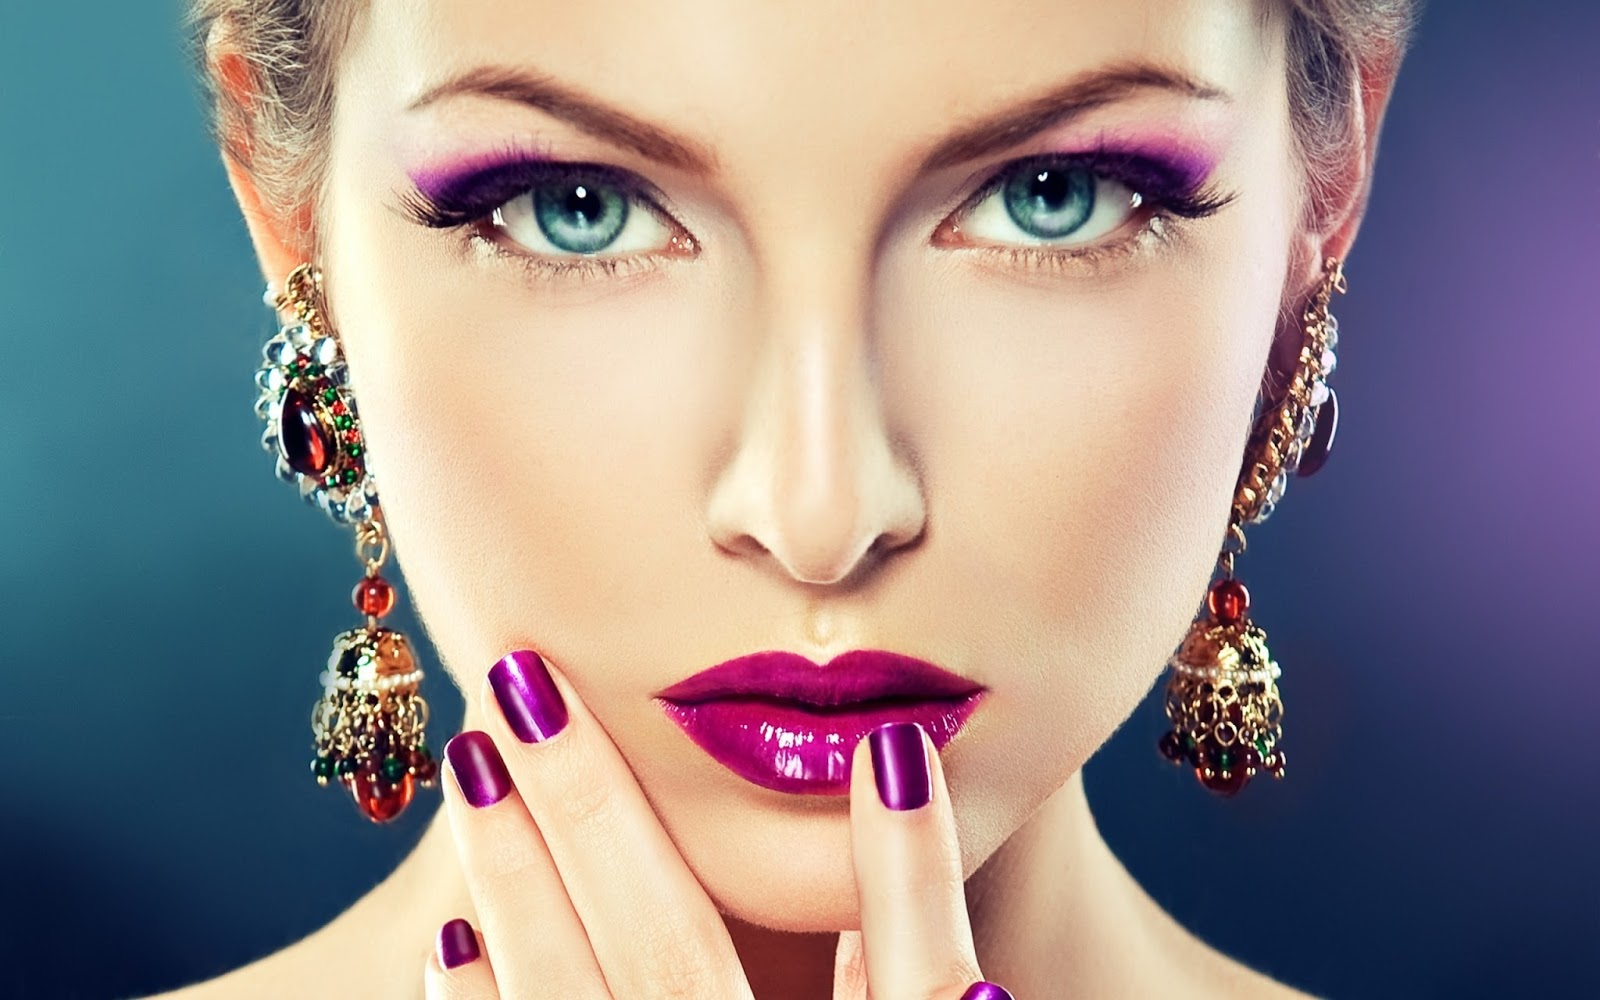 Bakımlı kadın sırları